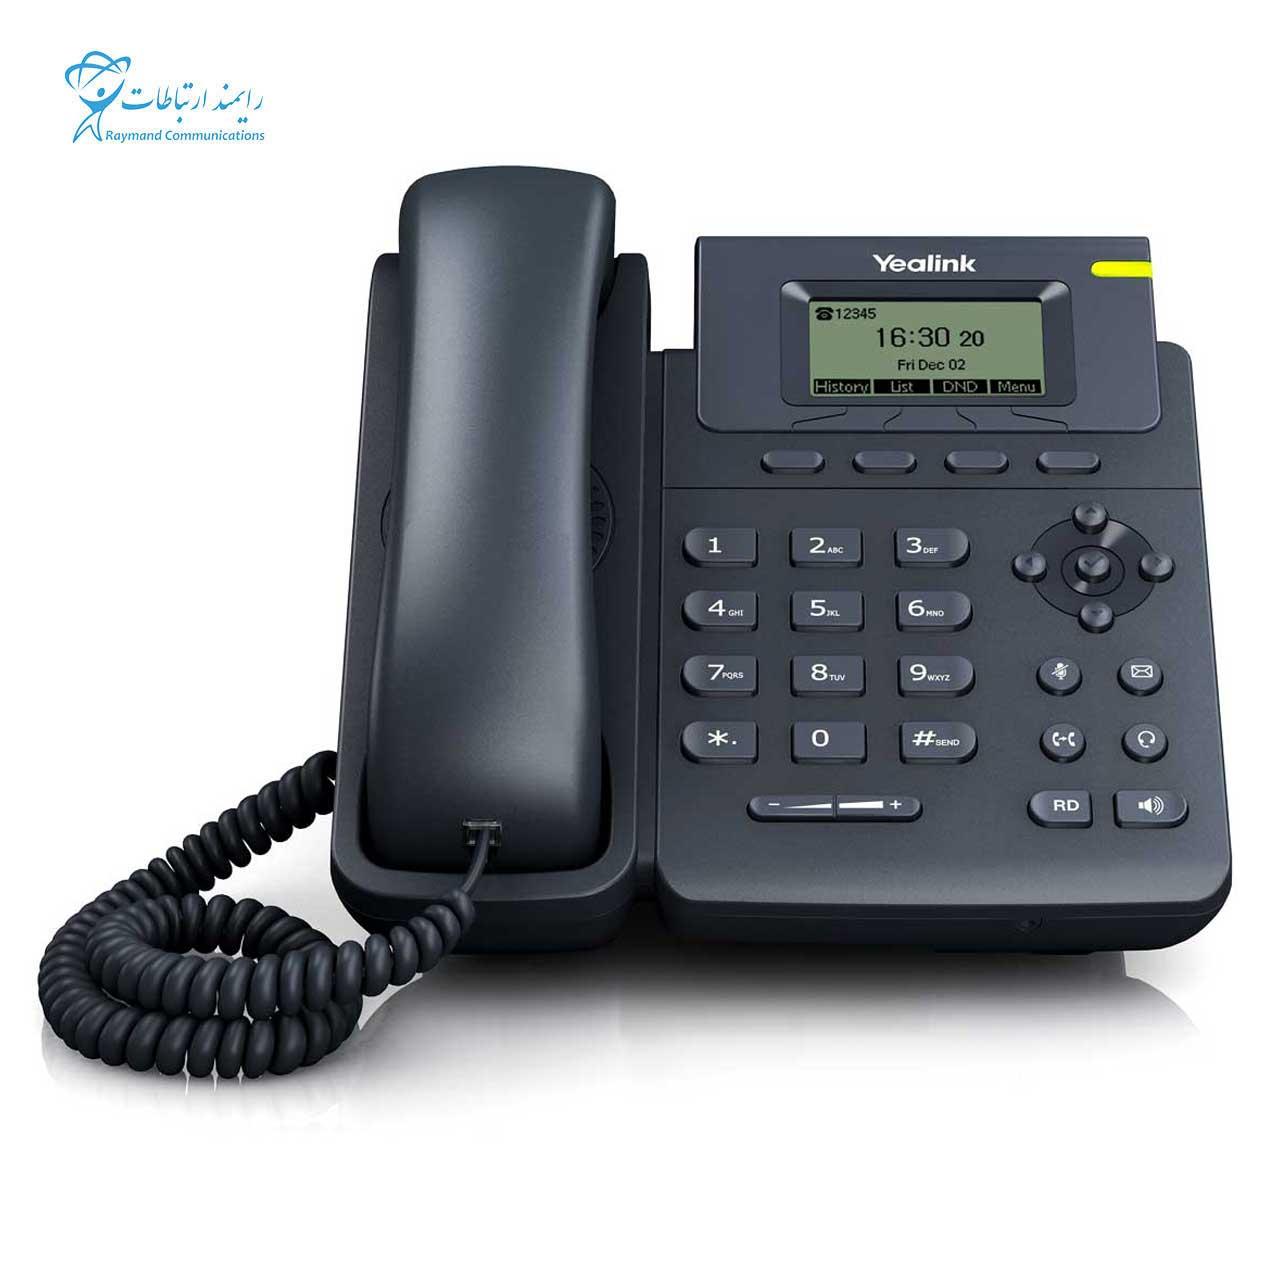 تلفن تحت شبکه یالینک T19-E2